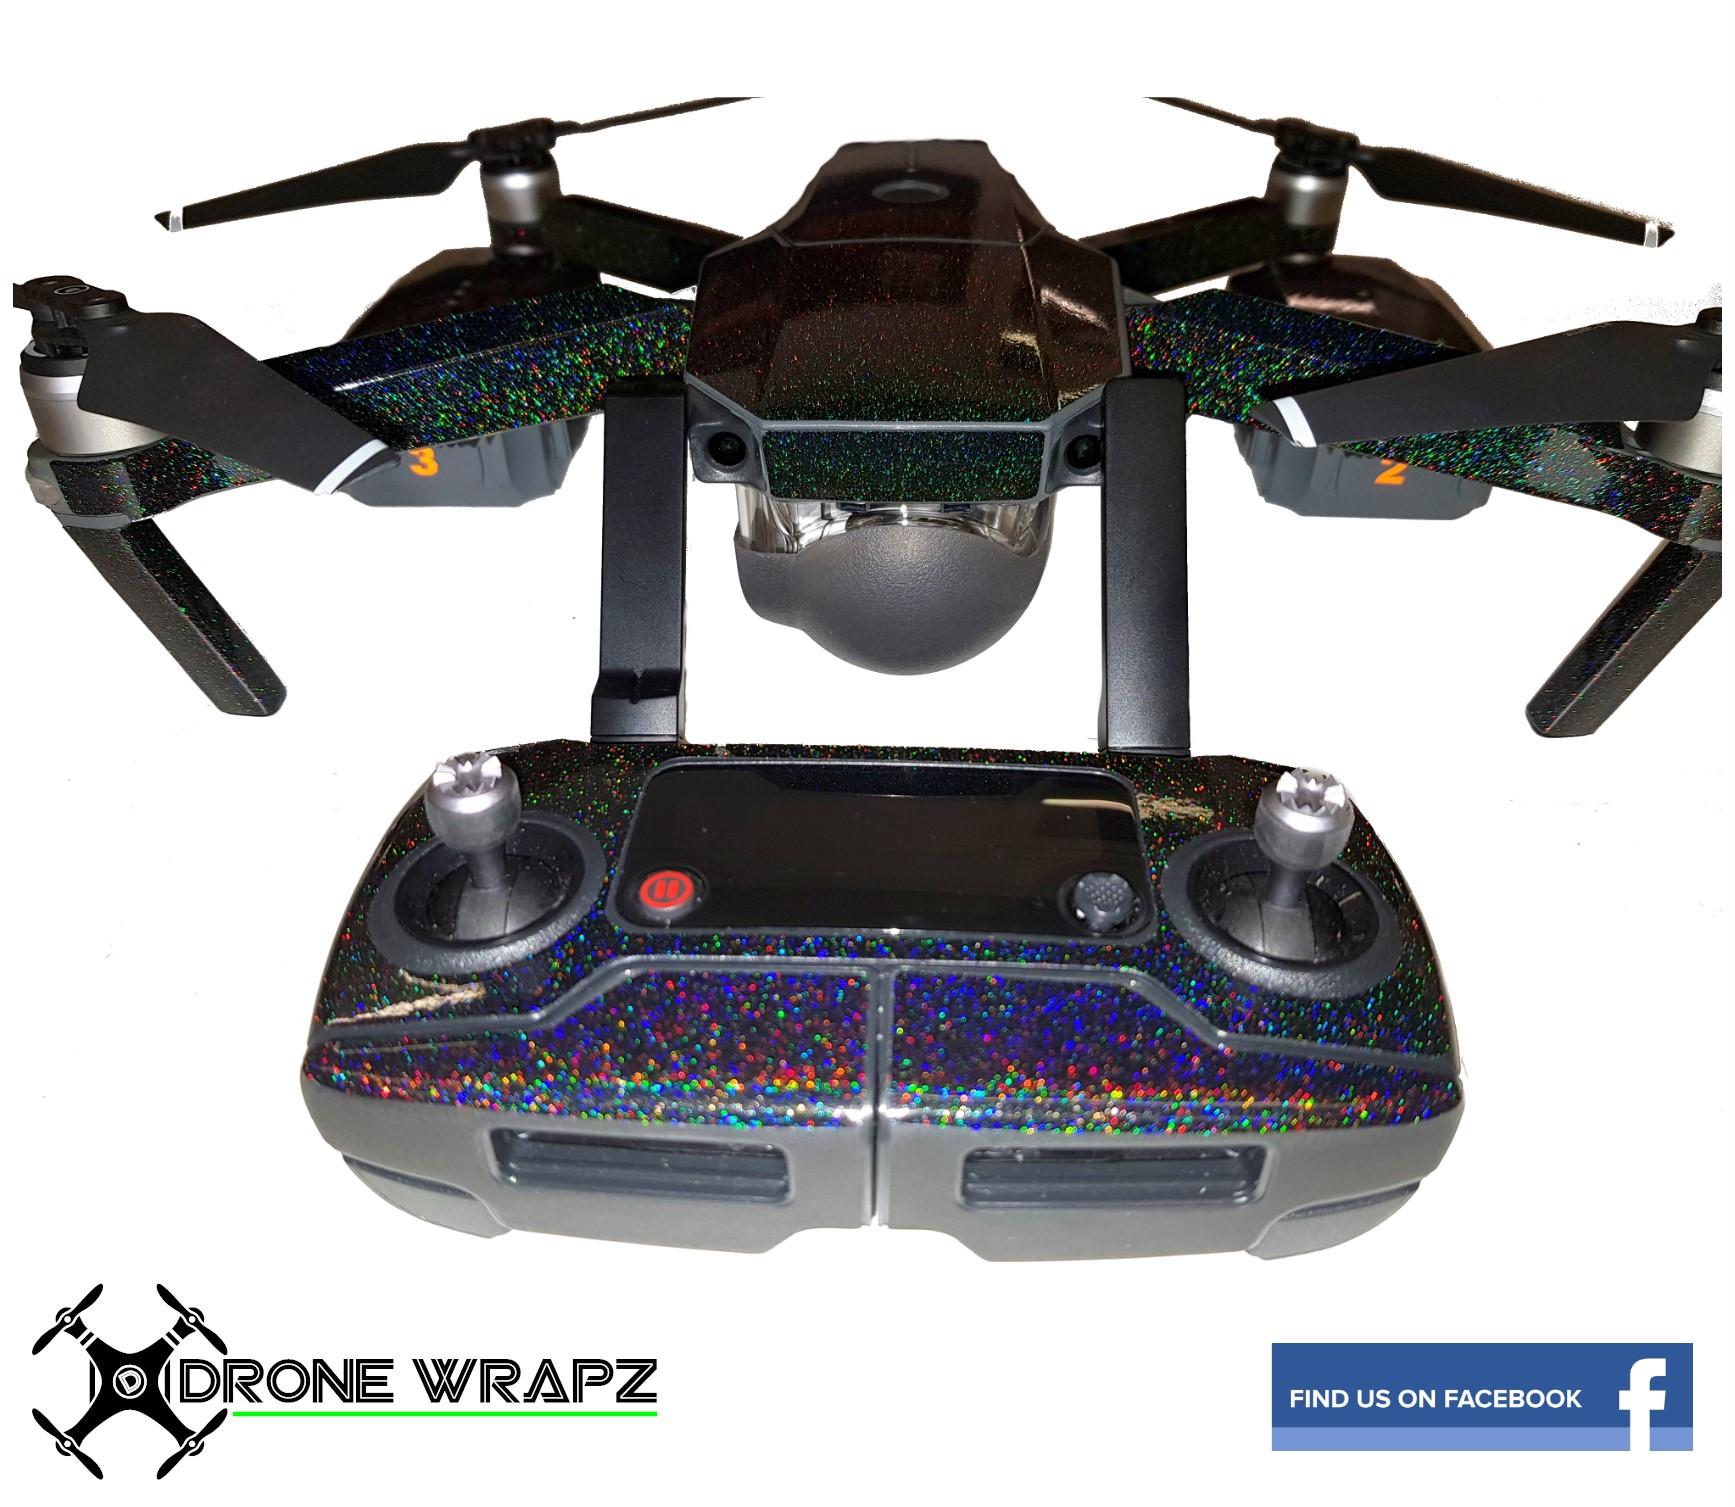 78e03f1b695 DJI Mavic Morpheus Black wrap - Drone Wrapz